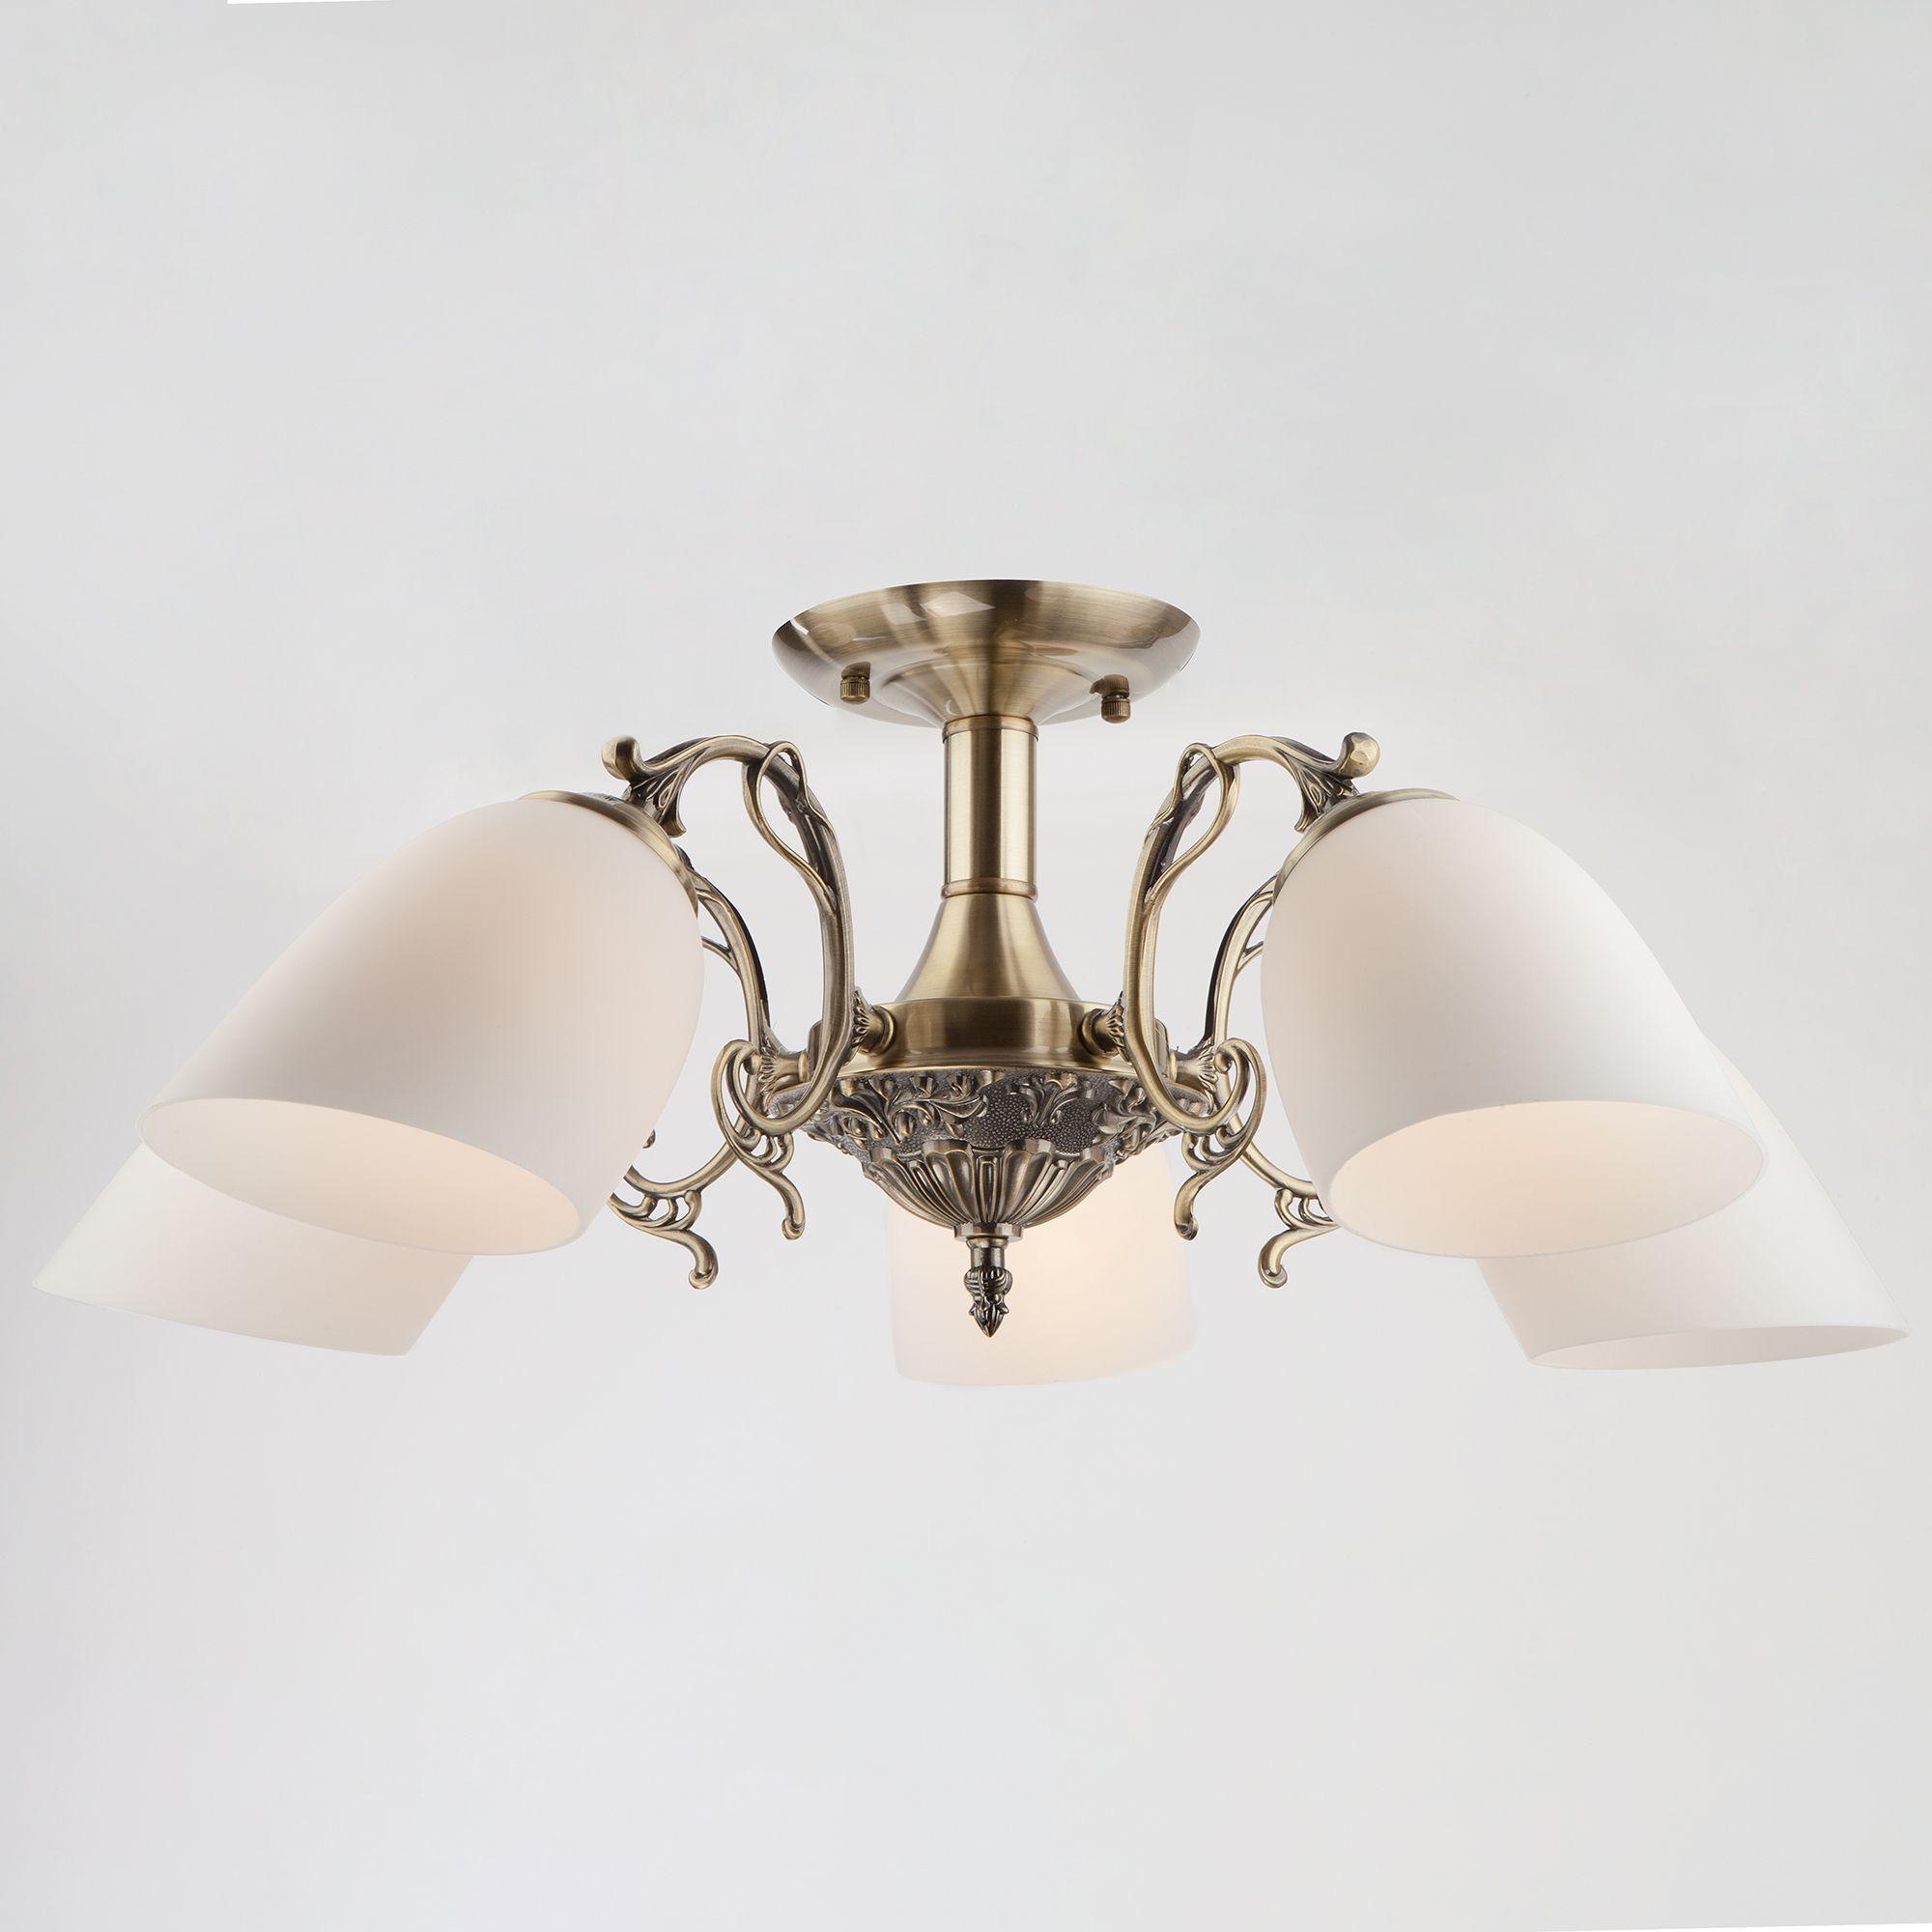 Потолочная люстра со стеклянными плафонами 22010/5 античная бронза